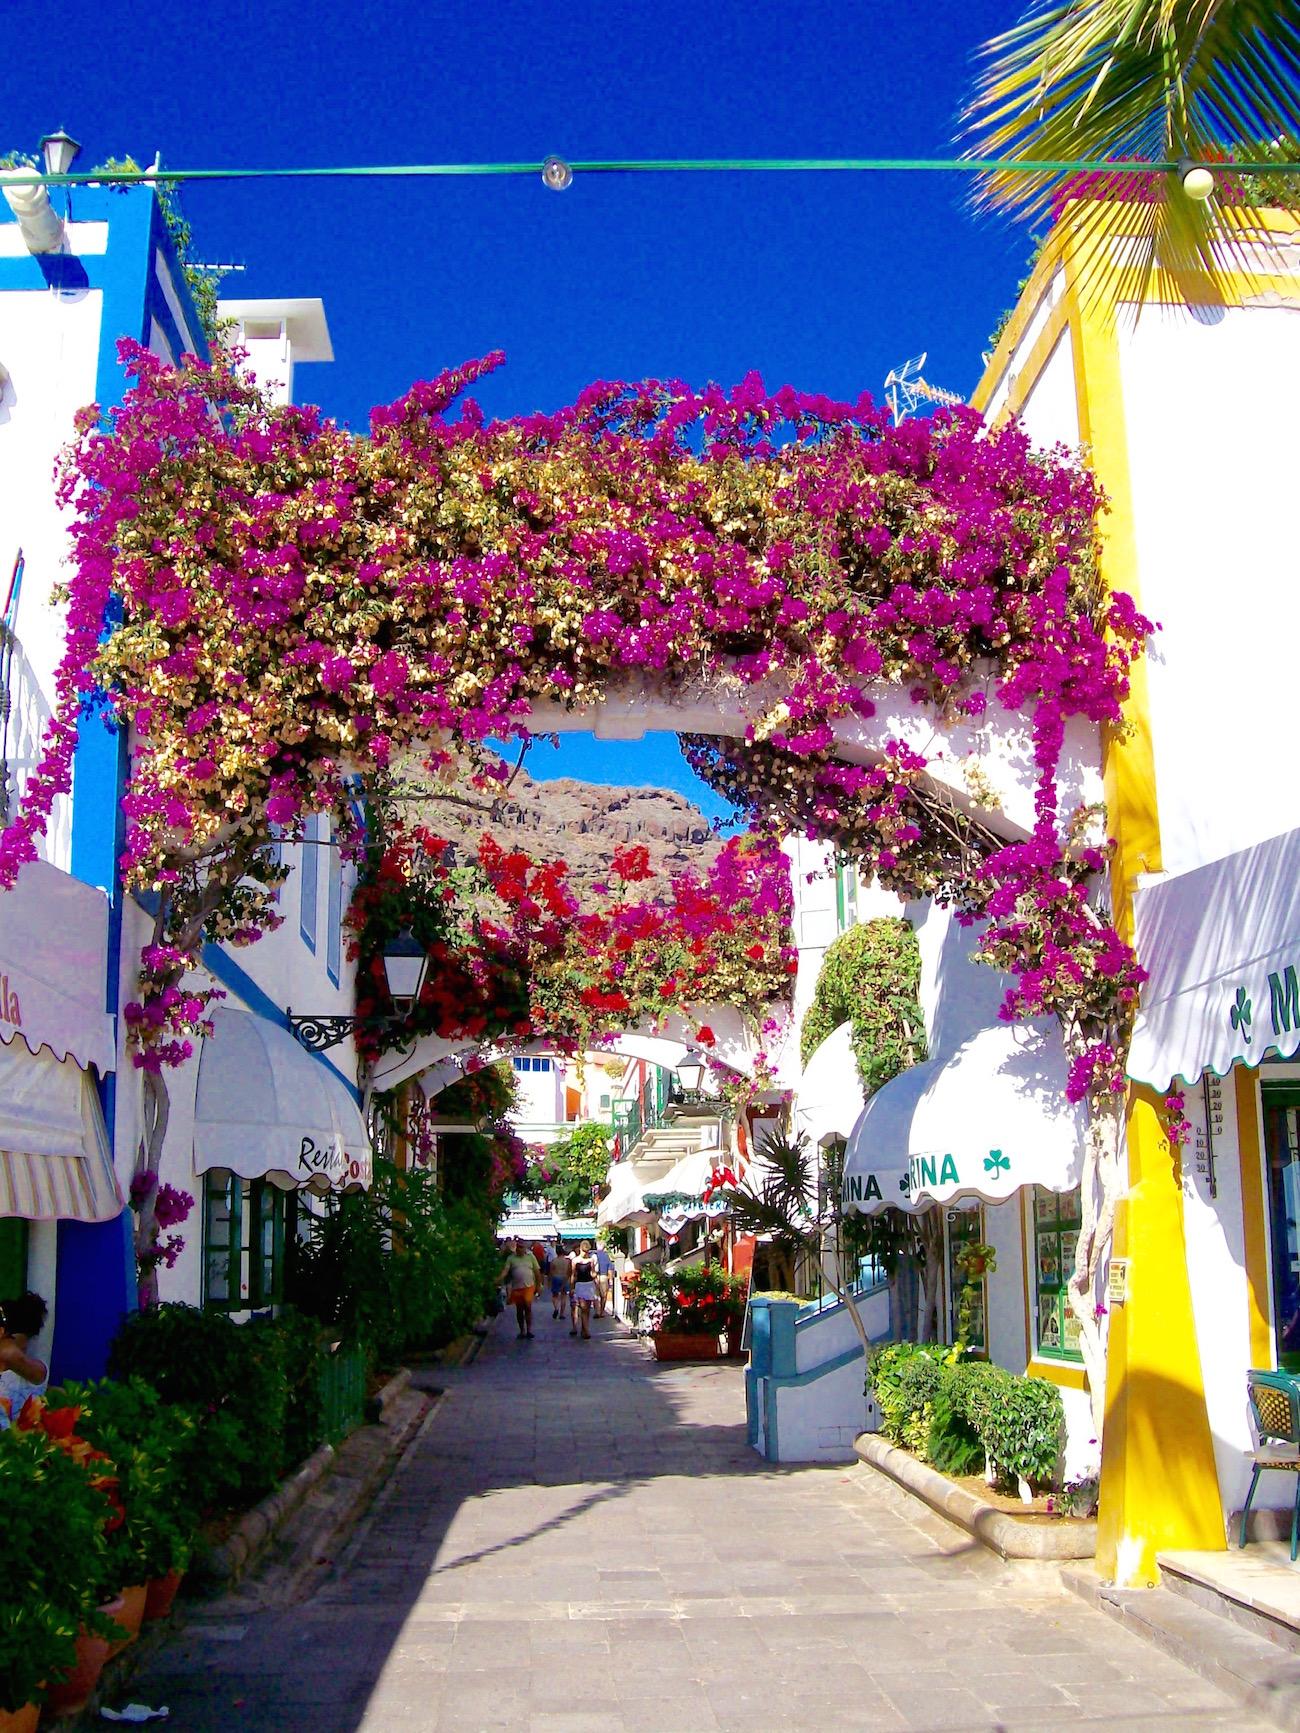 Puerto de Mogan auf Gran Canaria: Romantischer Ort für Liebespaare